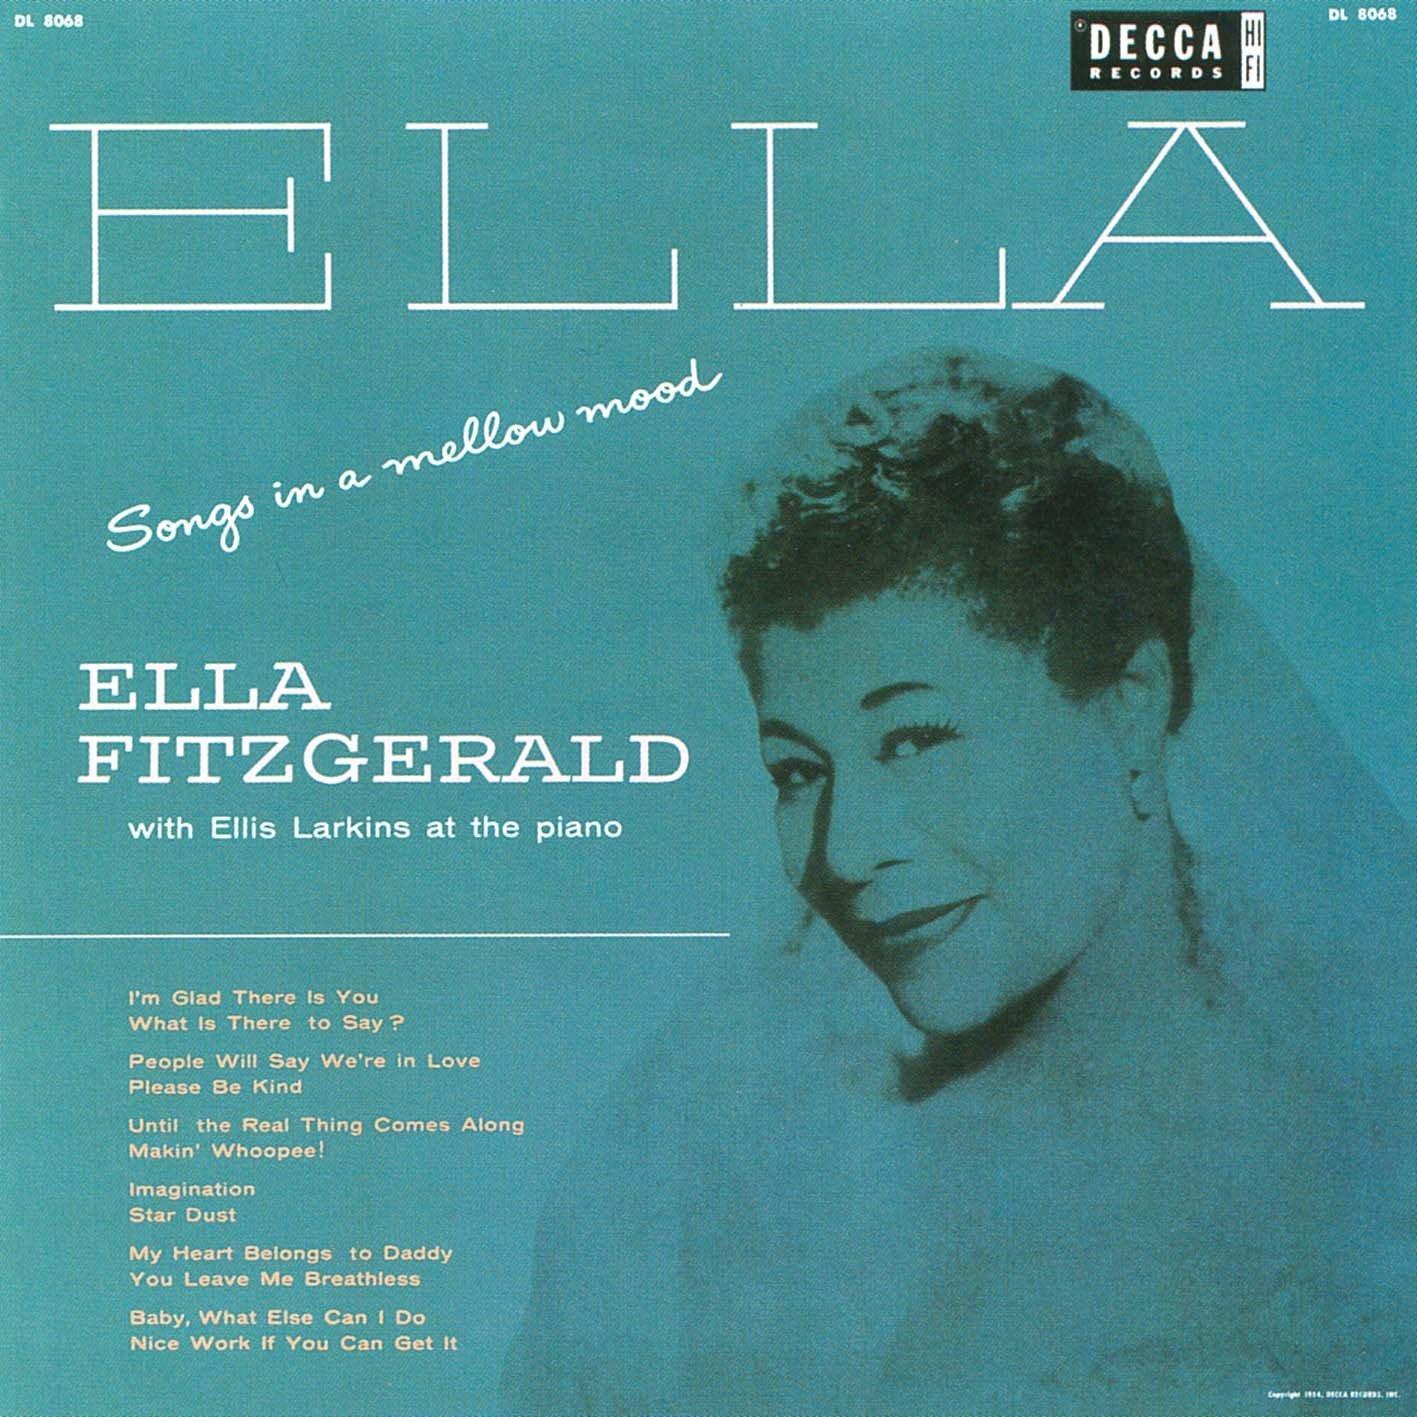 エラ・フィッツジェラルドの代表曲といえば?名盤アルバムをご紹介のサムネイル画像